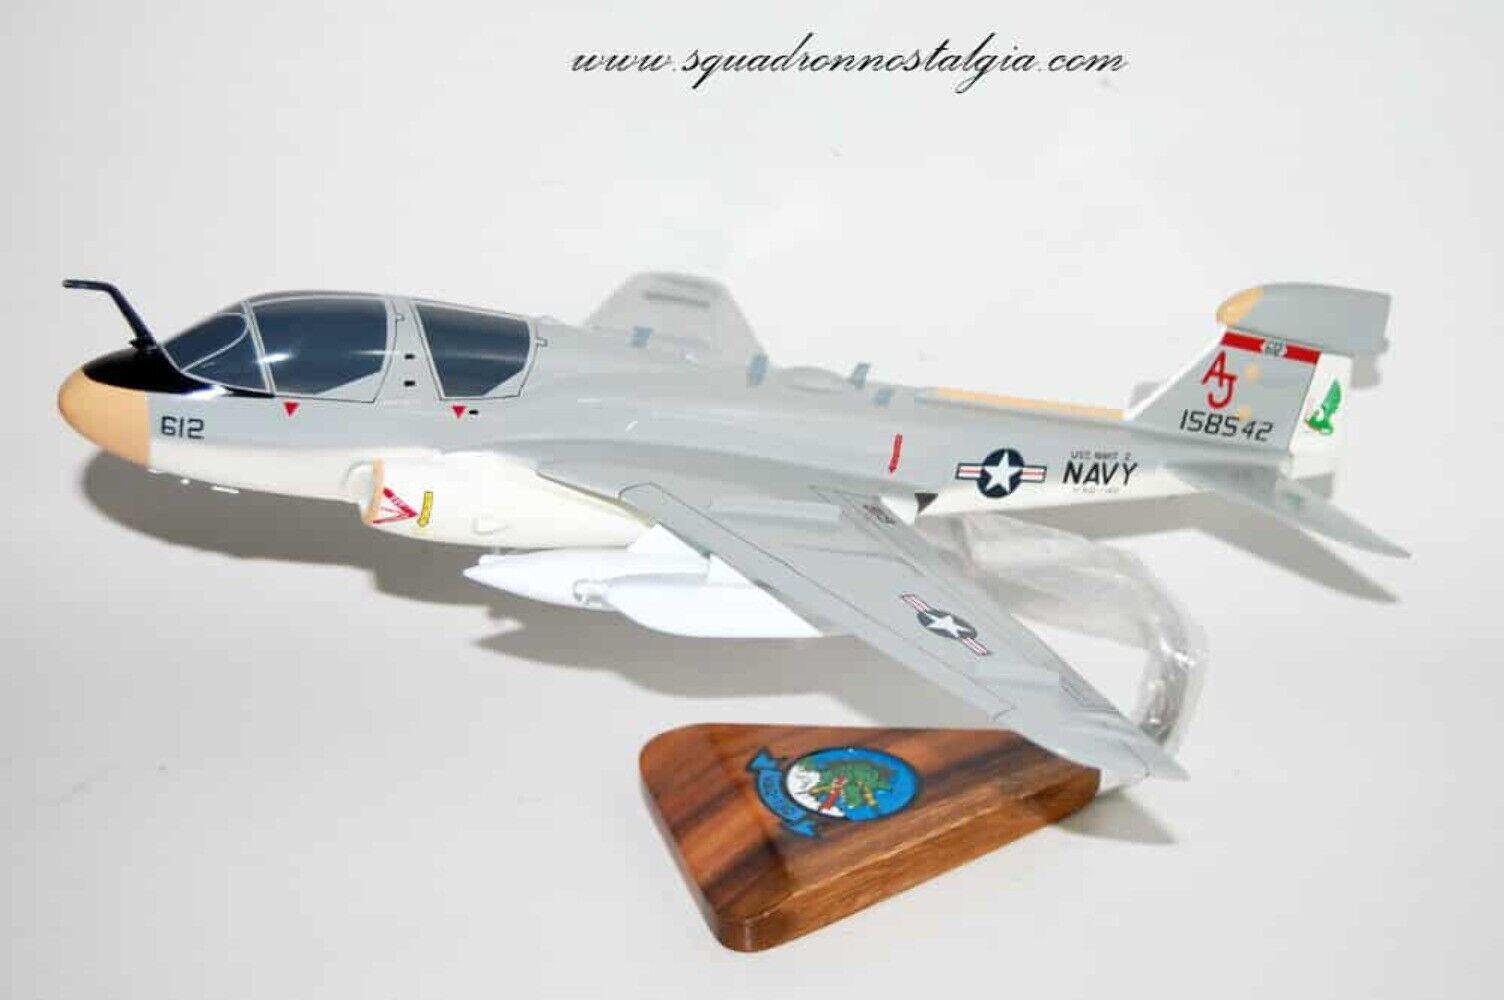 VAQ-130 Zappers EA-6b (1975) USS Nimitz Model